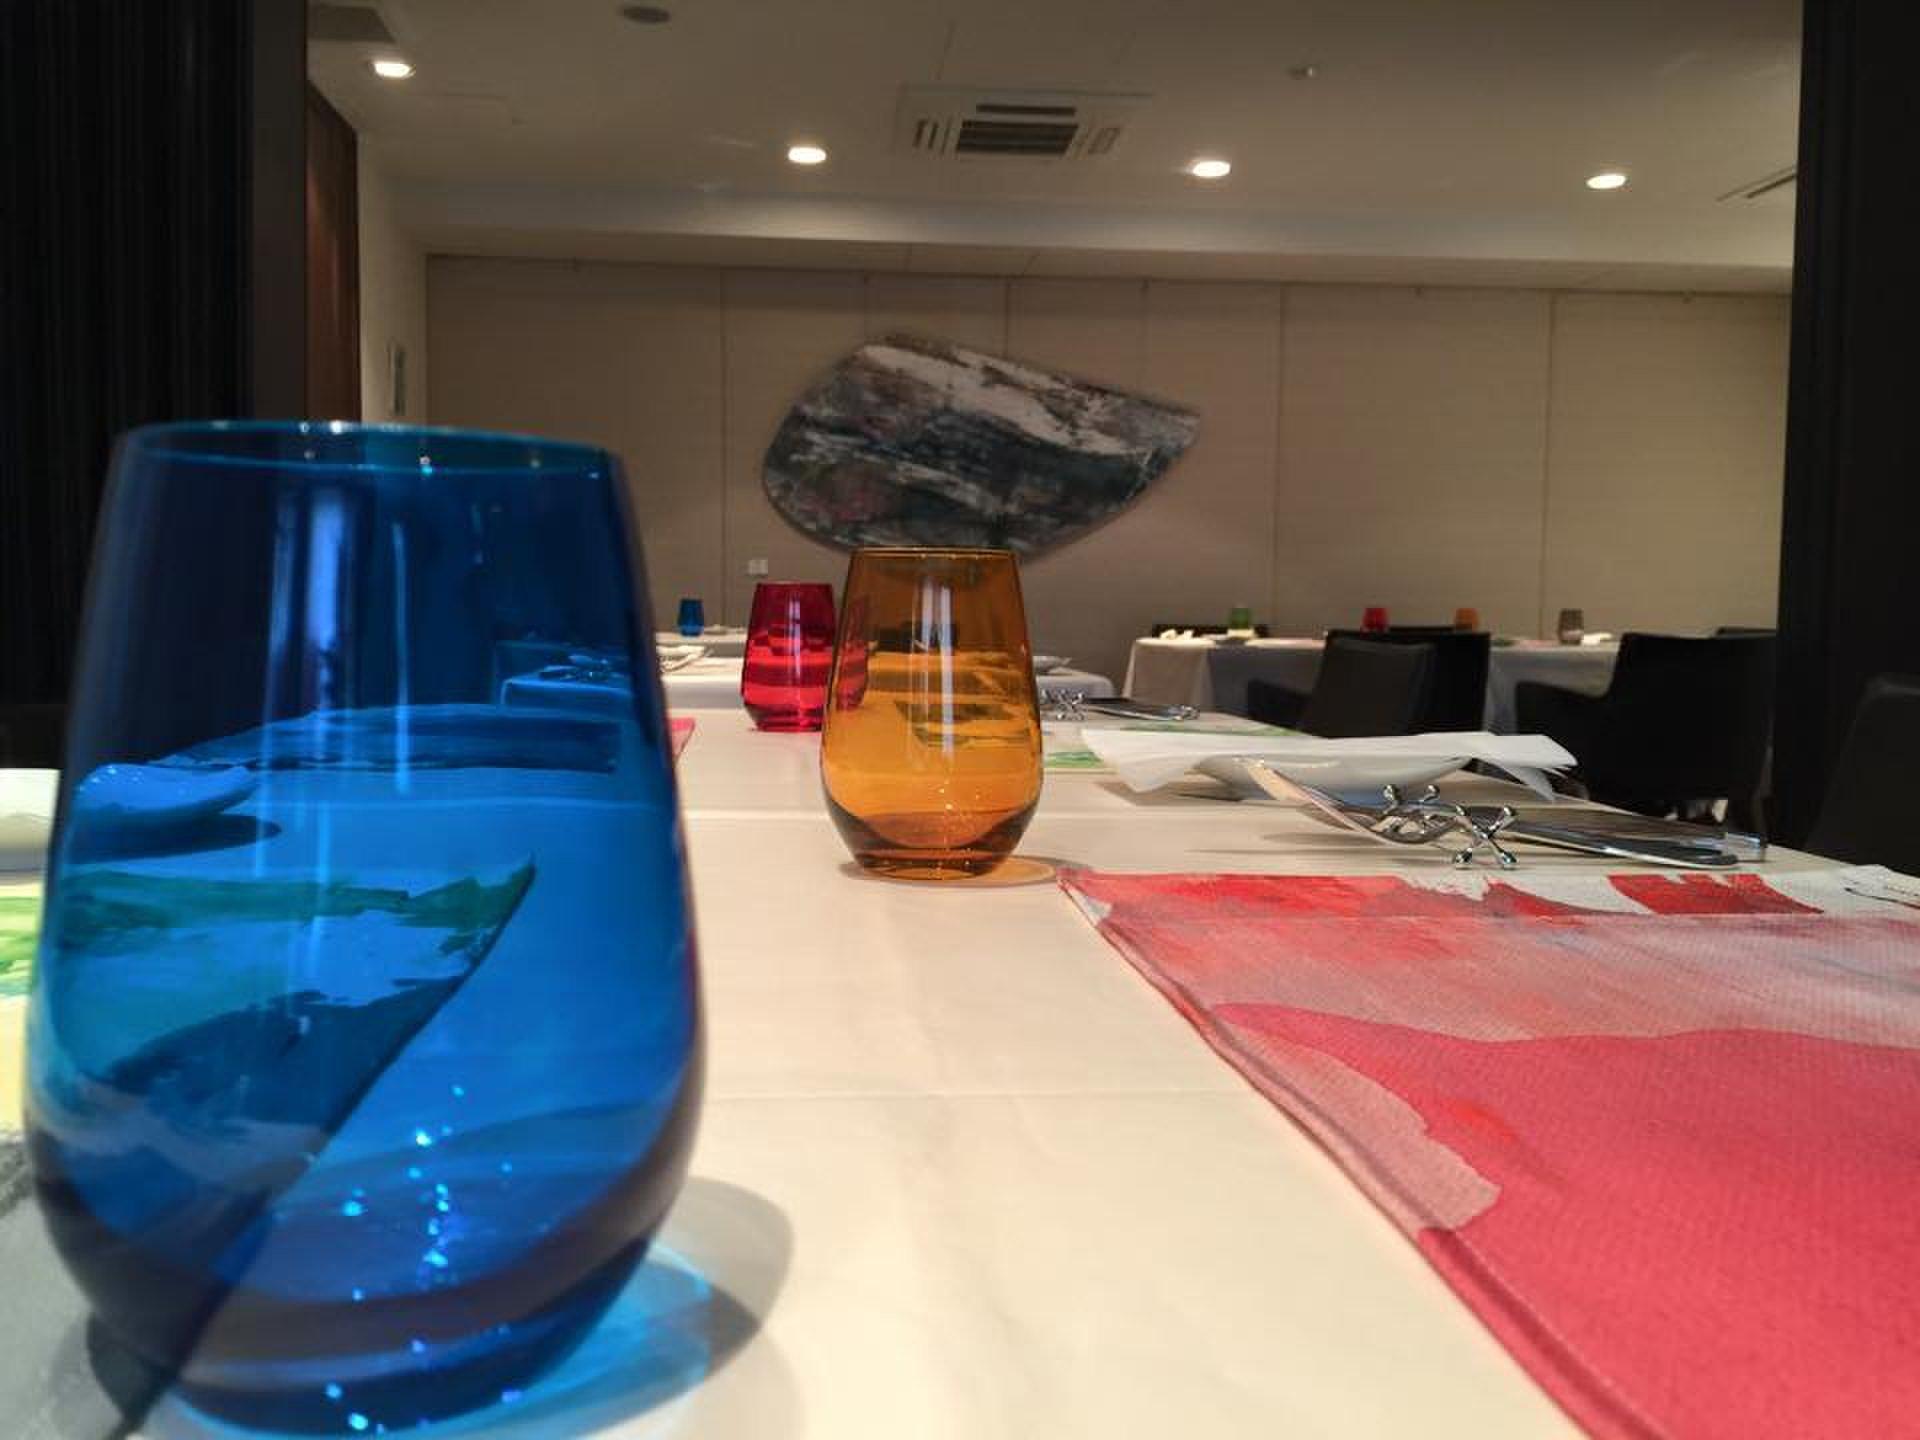 ART×LUNCHを積極的に進めるレストラン☆☆☆青山おすすめイタリアン【ラルテ沢藤】